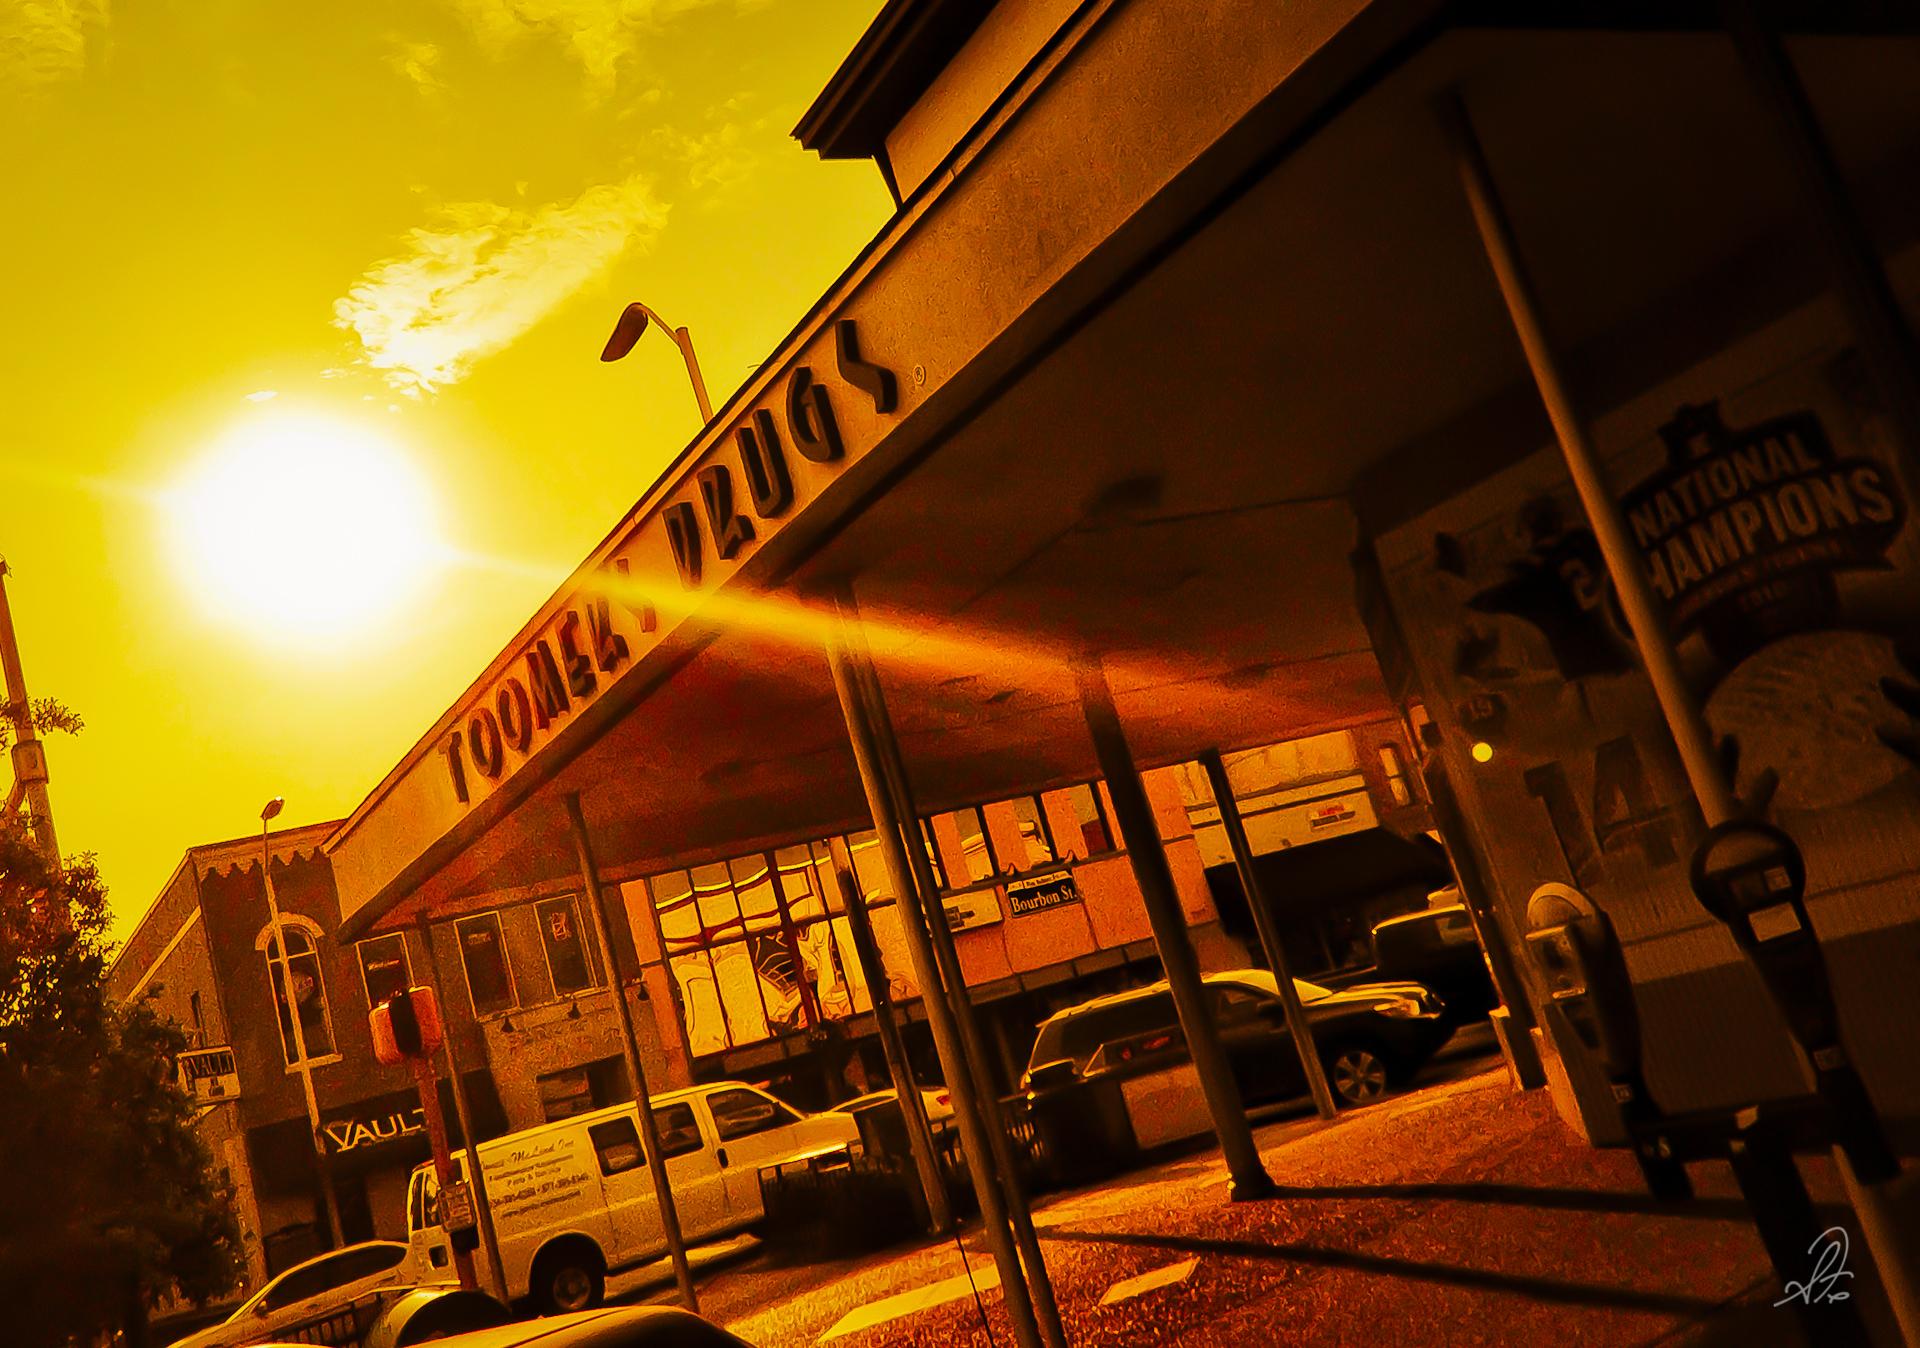 Sun Setting Over Toomer's Drugs in Auburn